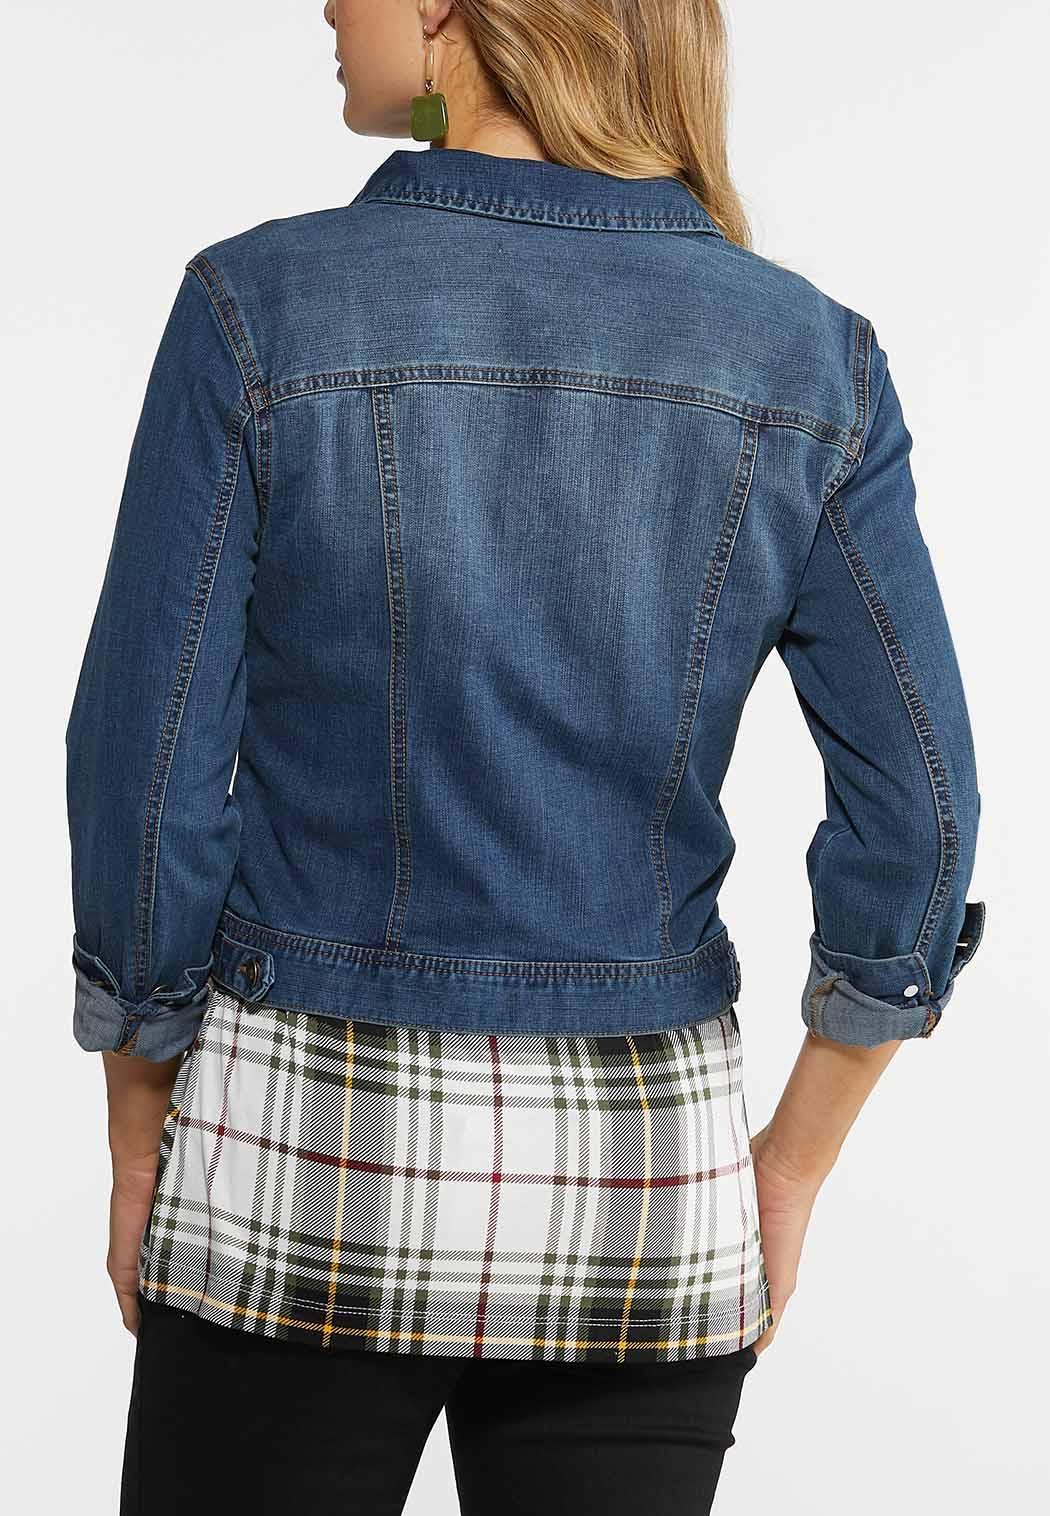 Plus Size Essential Denim Jacket (Item #43950091)